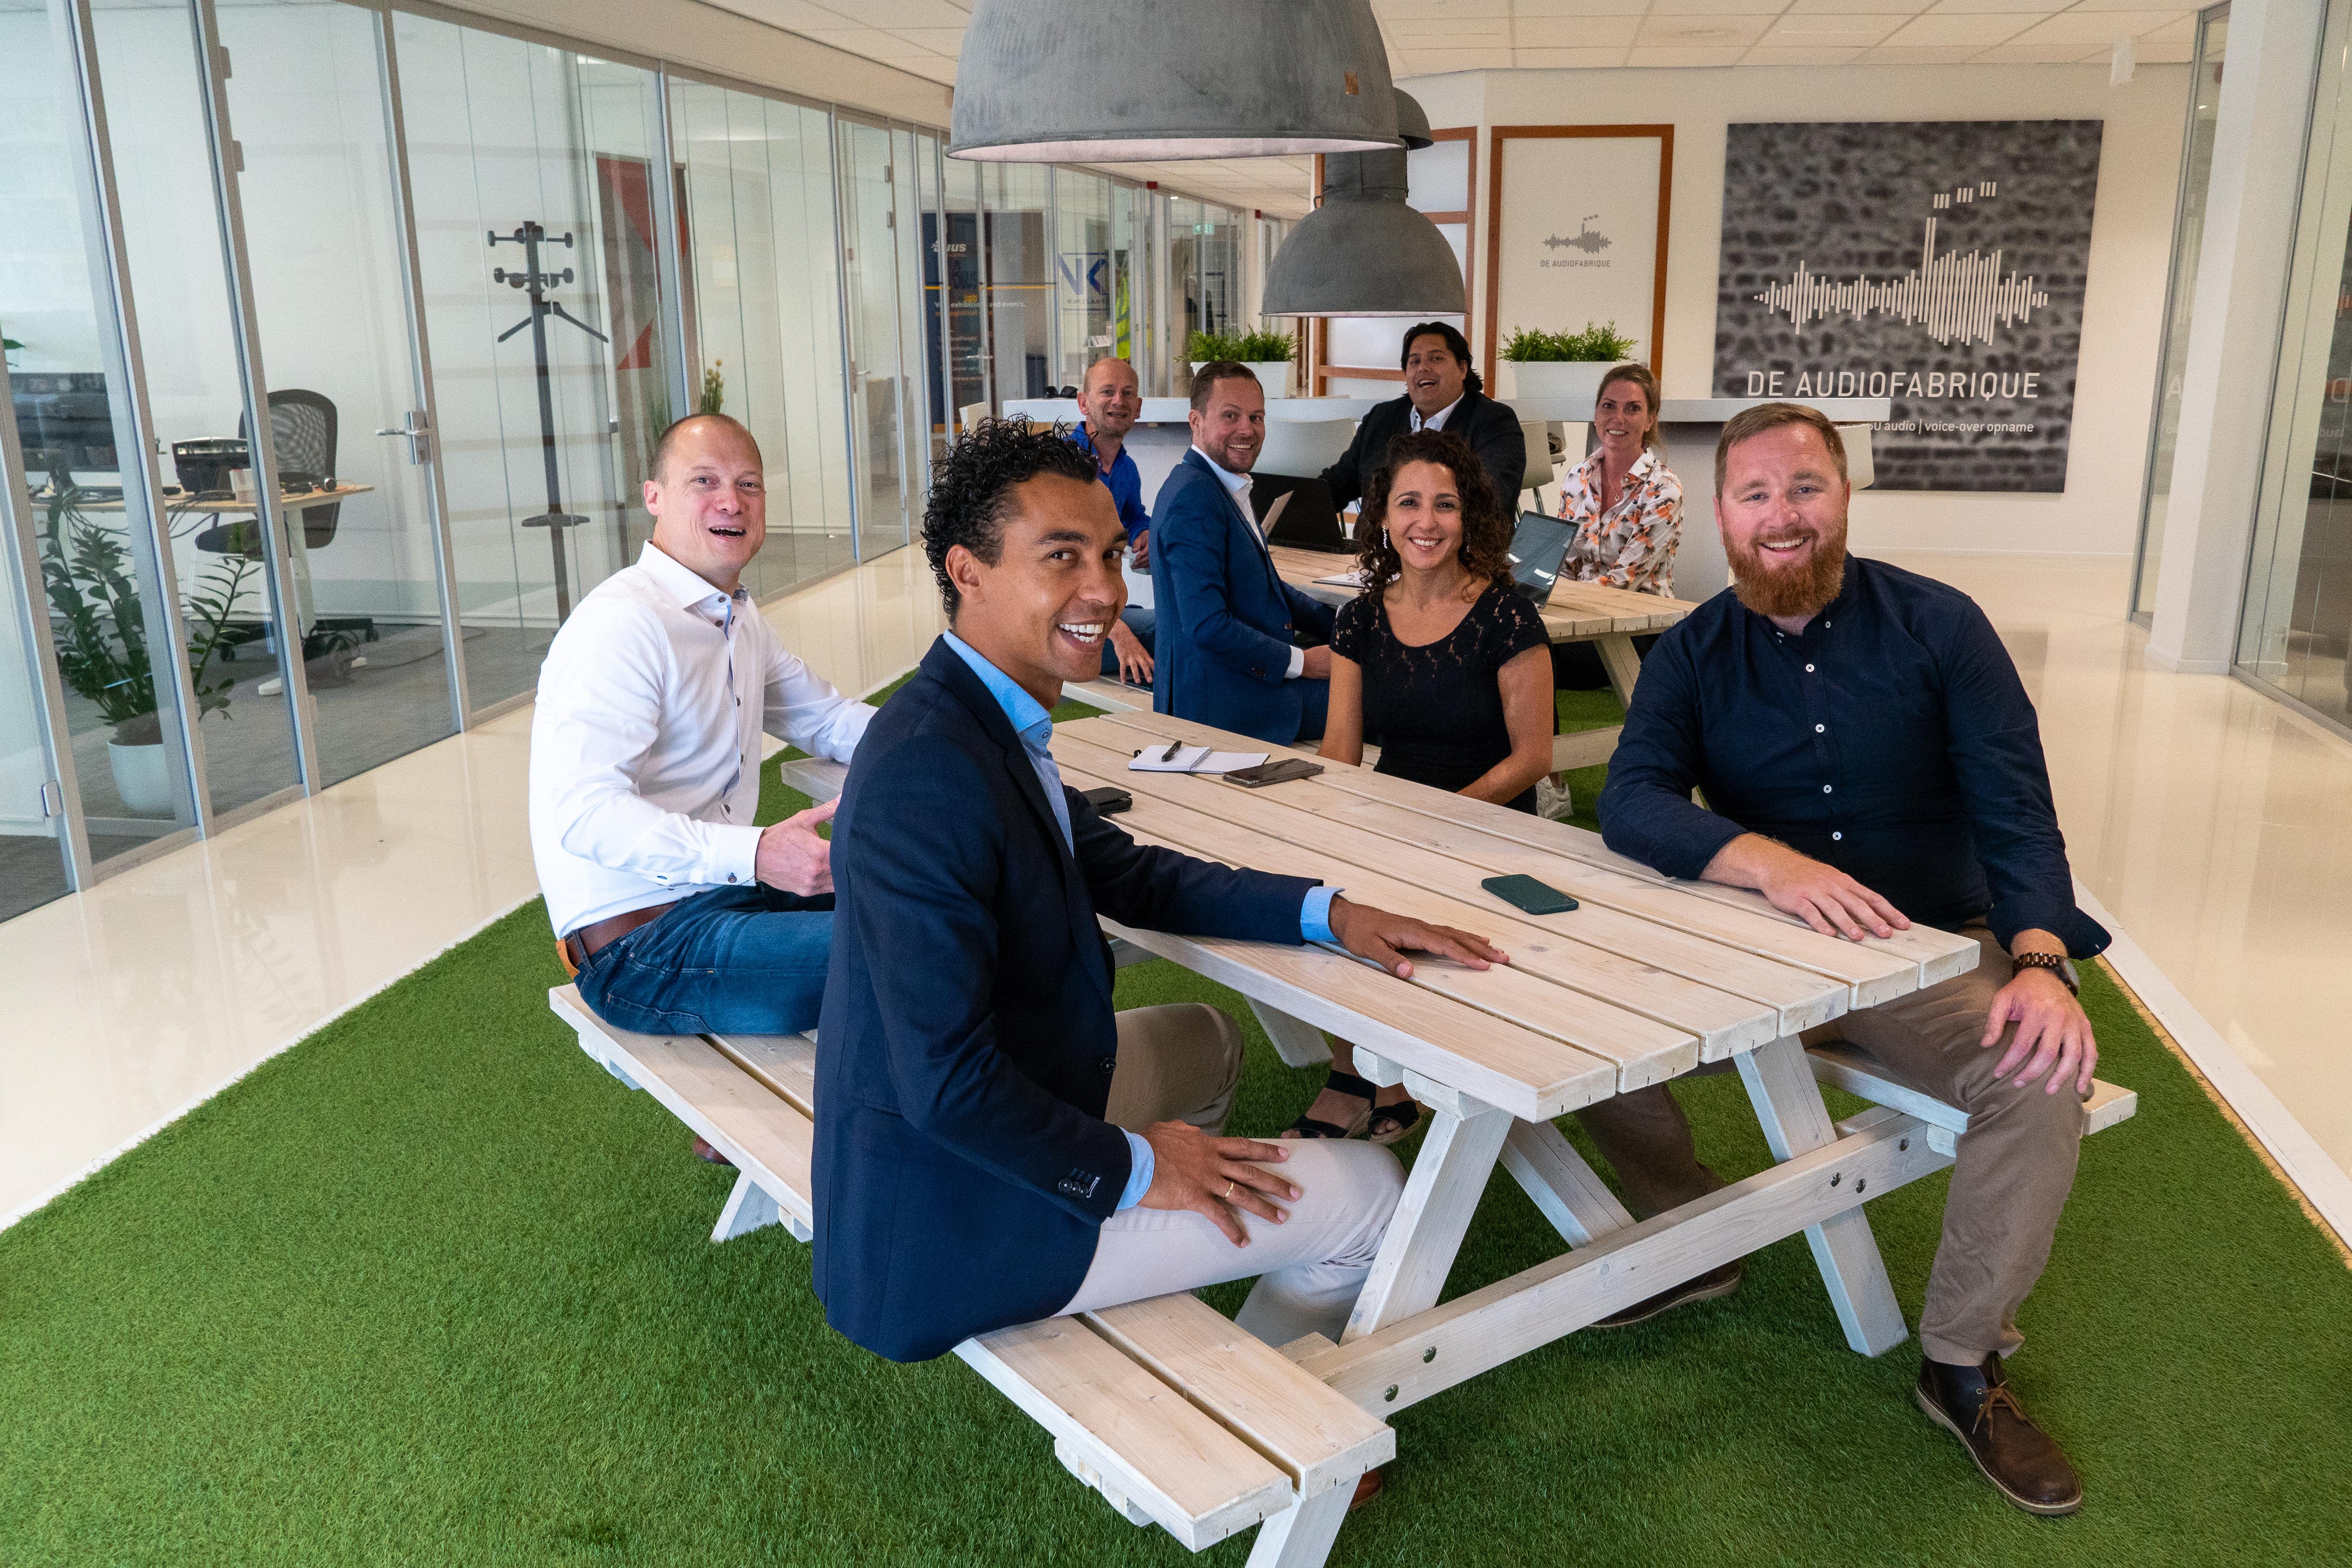 Jouw huis verkopen met het verkoop team van VK Makelaars uit Haarlem.